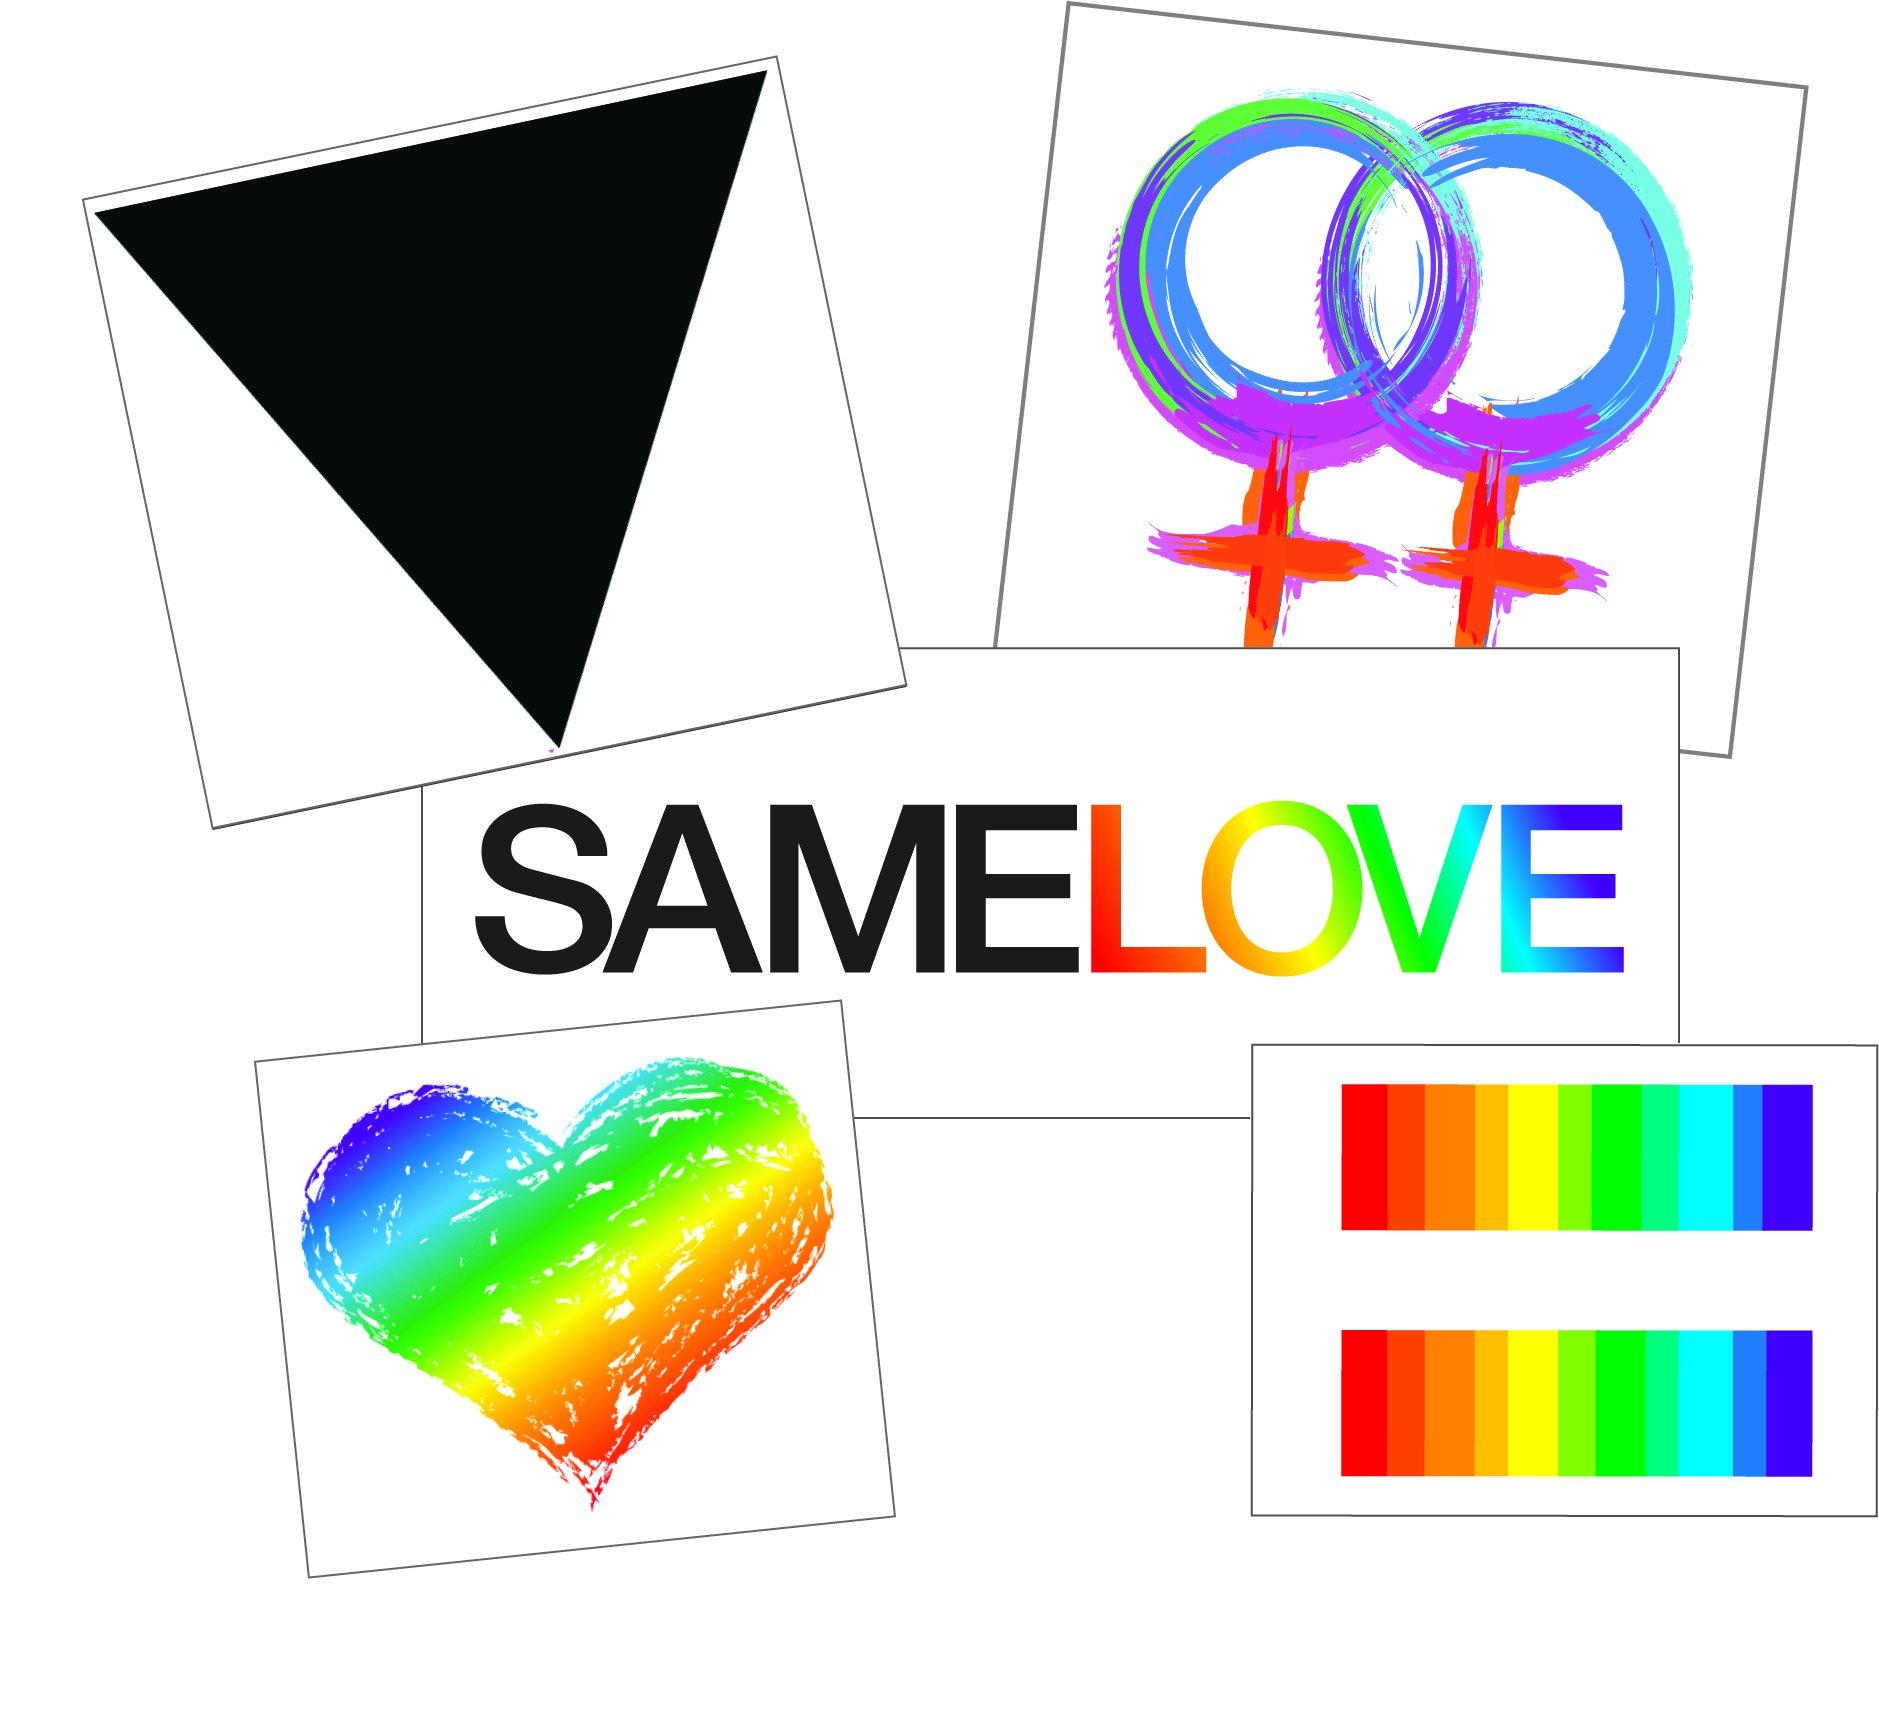 プライドレインボーハートテンポラリータトゥー - ゲイプライドアクセサリーセット -  LGBTQボディアートセット - 男性、女性、ティーンズ用半永久的プライドタトゥー